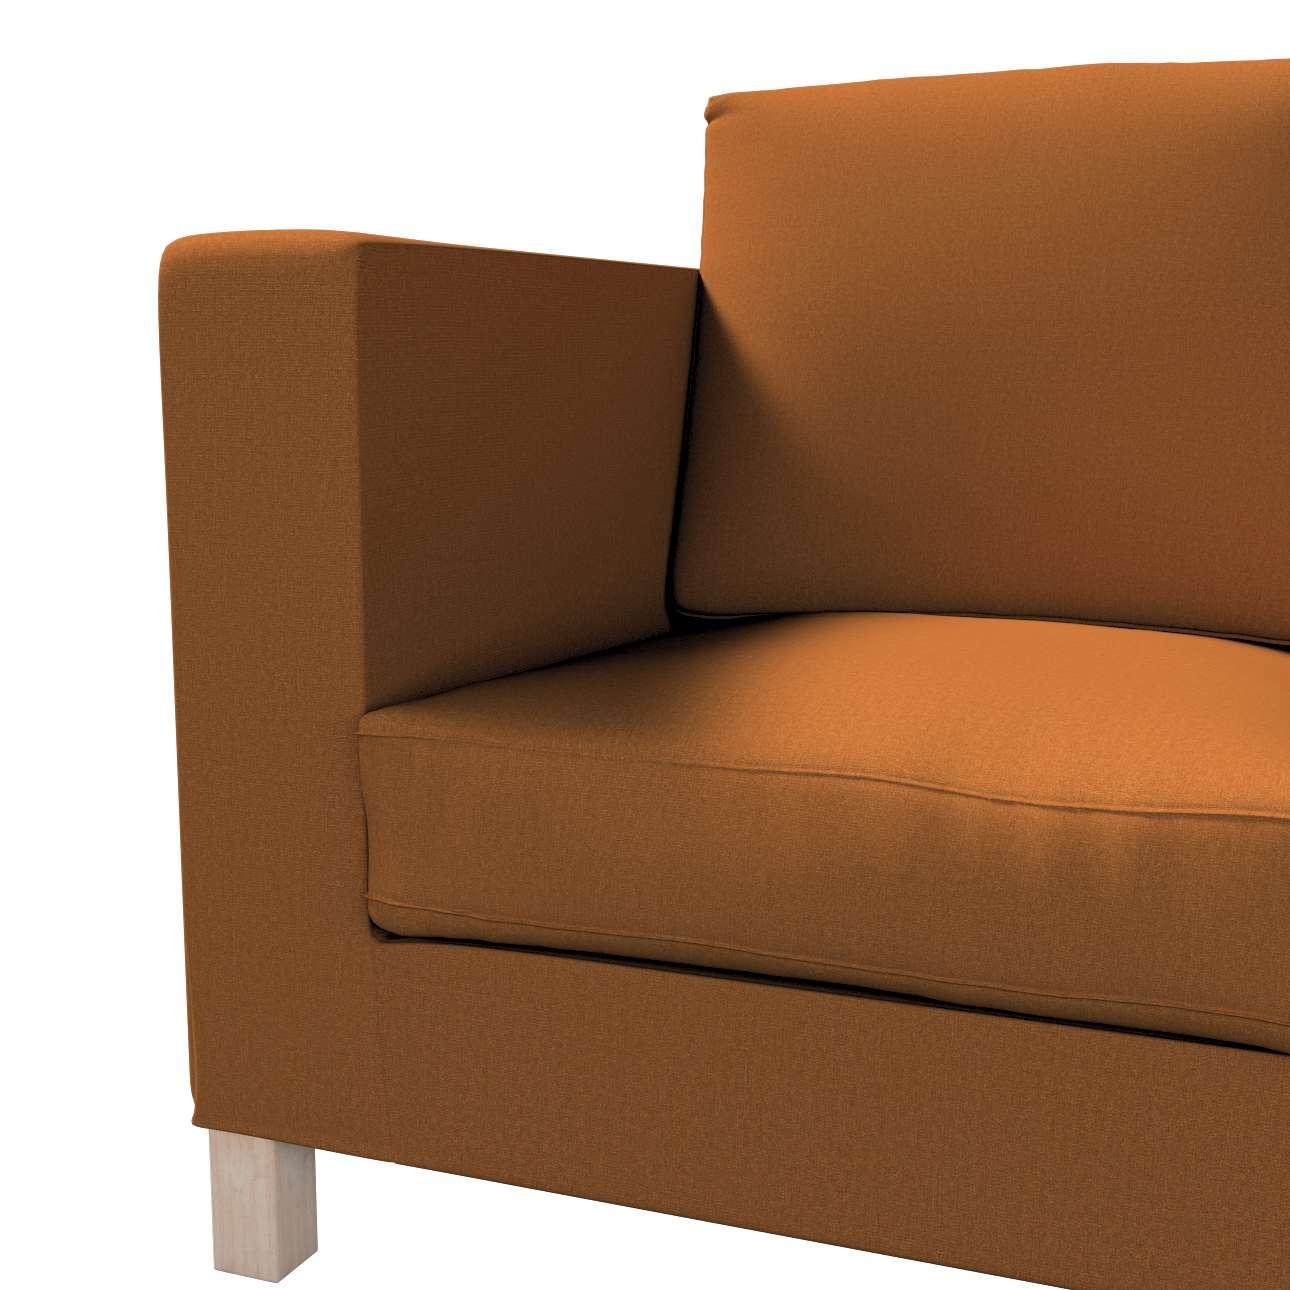 Bezug für Karlanda 3-Sitzer Sofa nicht ausklappbar, kurz von der Kollektion Living II, Stoff: 161-28